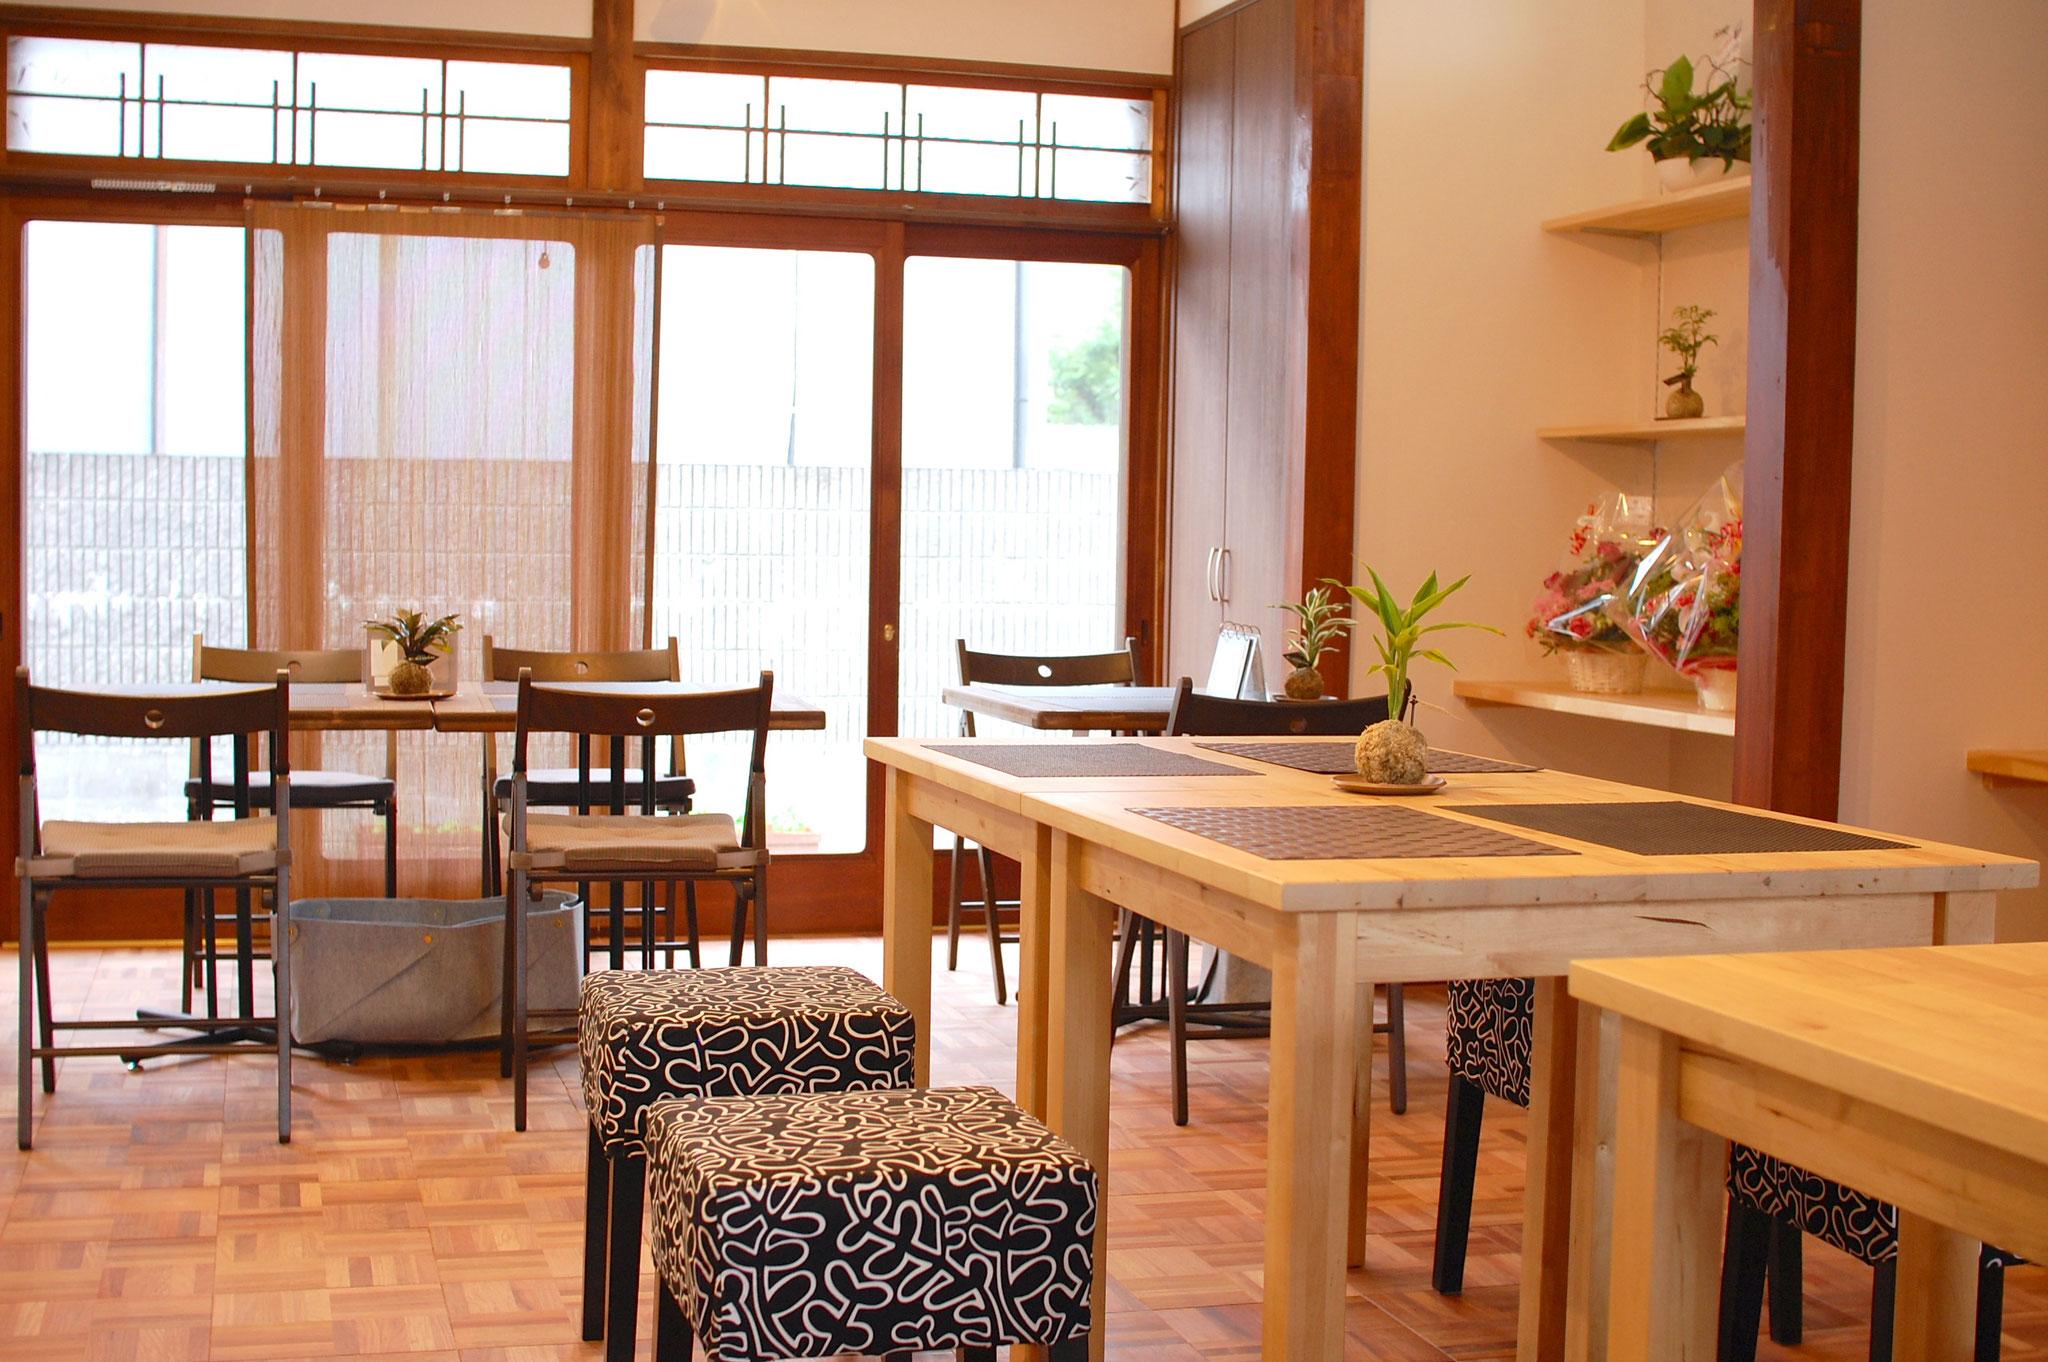 ランチ&カフェは定休日の日・火曜日を除く月水木金土曜日です。